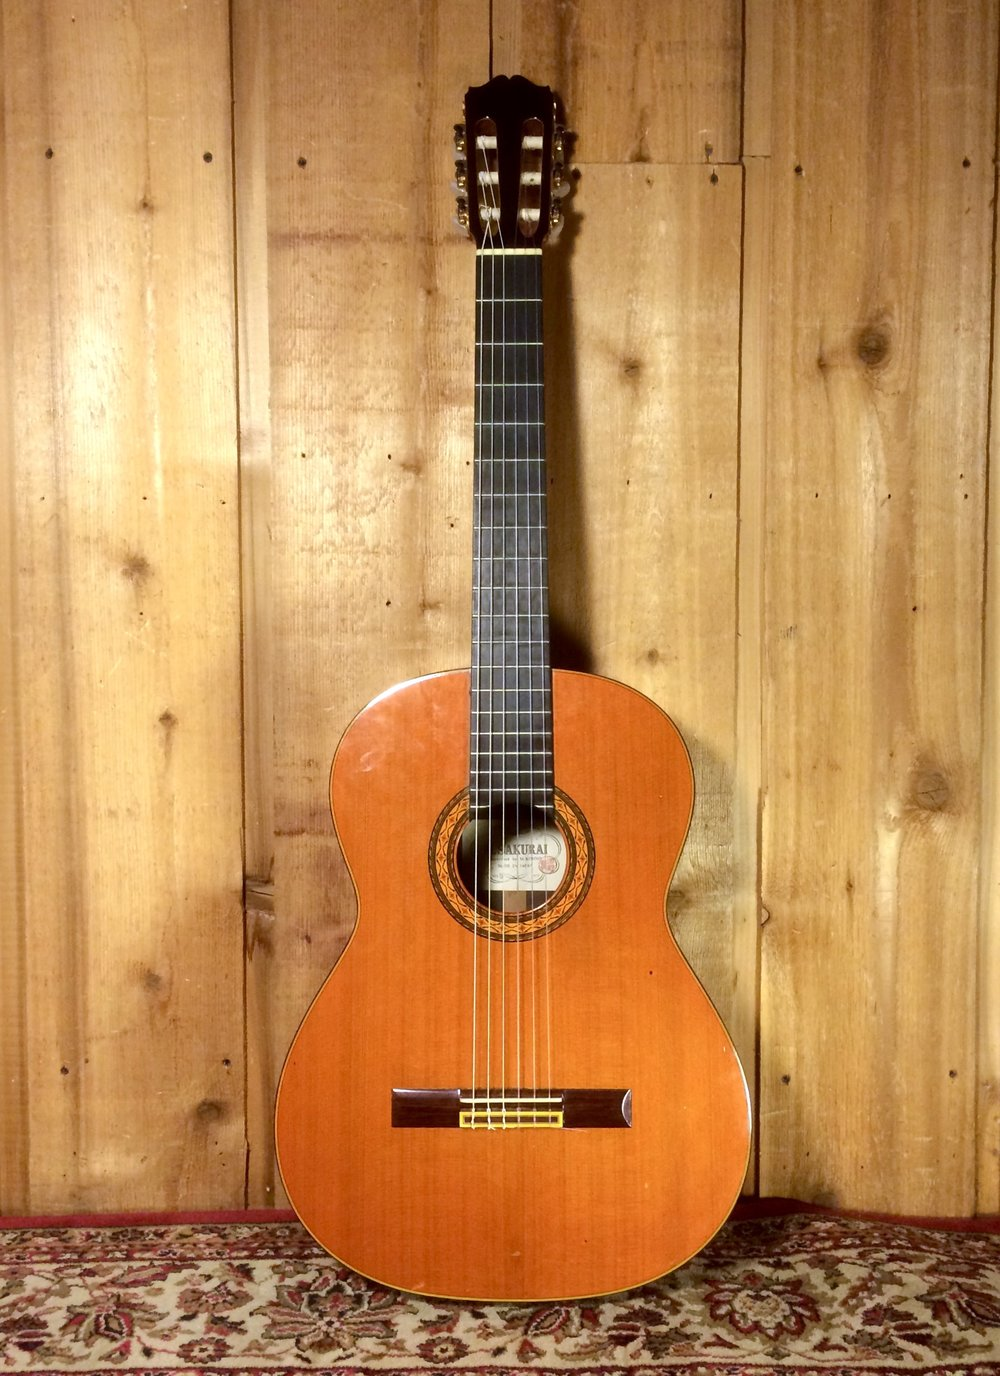 M Sakura Classical Guitar